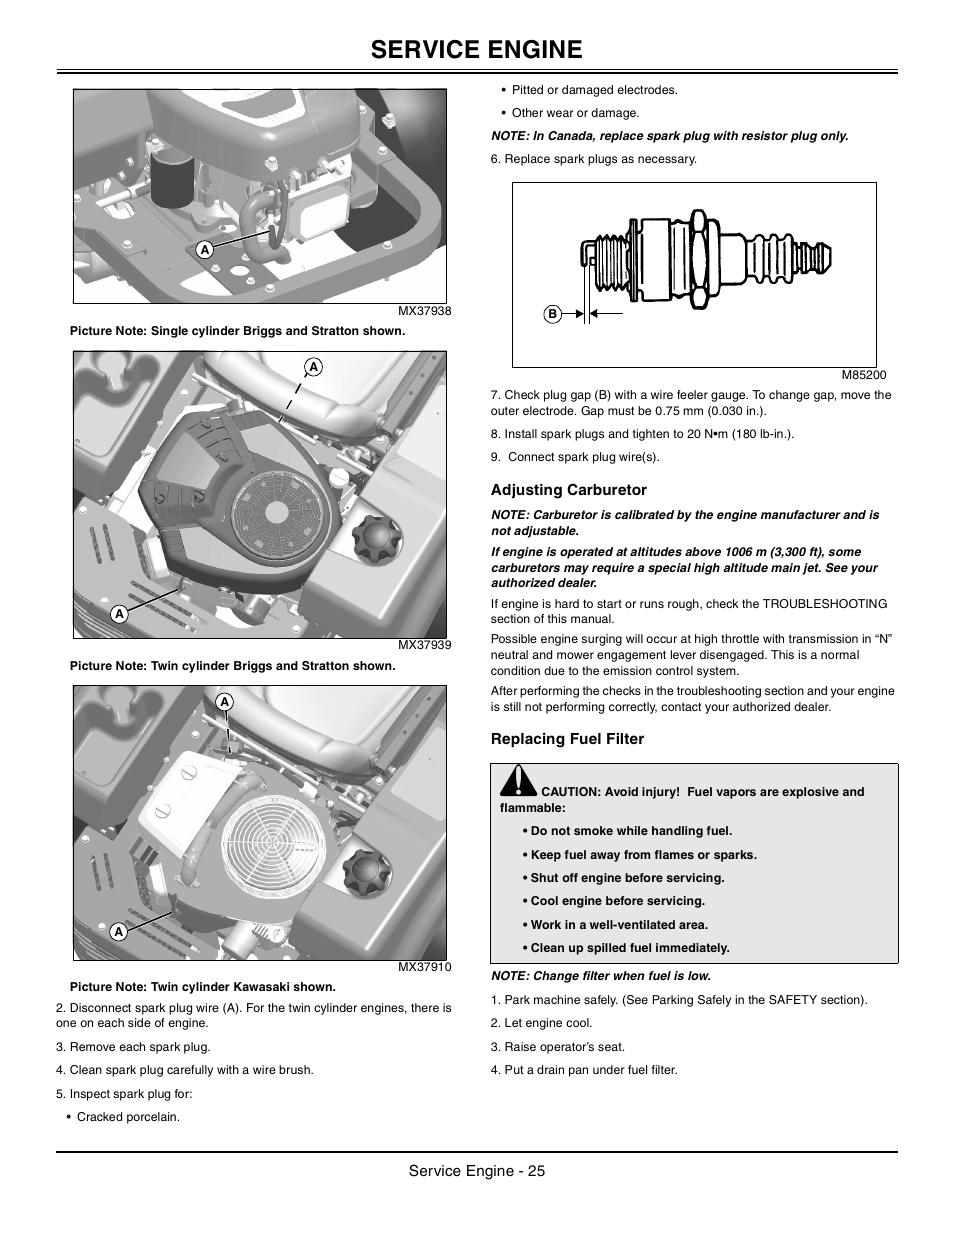 hight resolution of adjusting carburetor replacing fuel filter service engine john deere z425 user manual